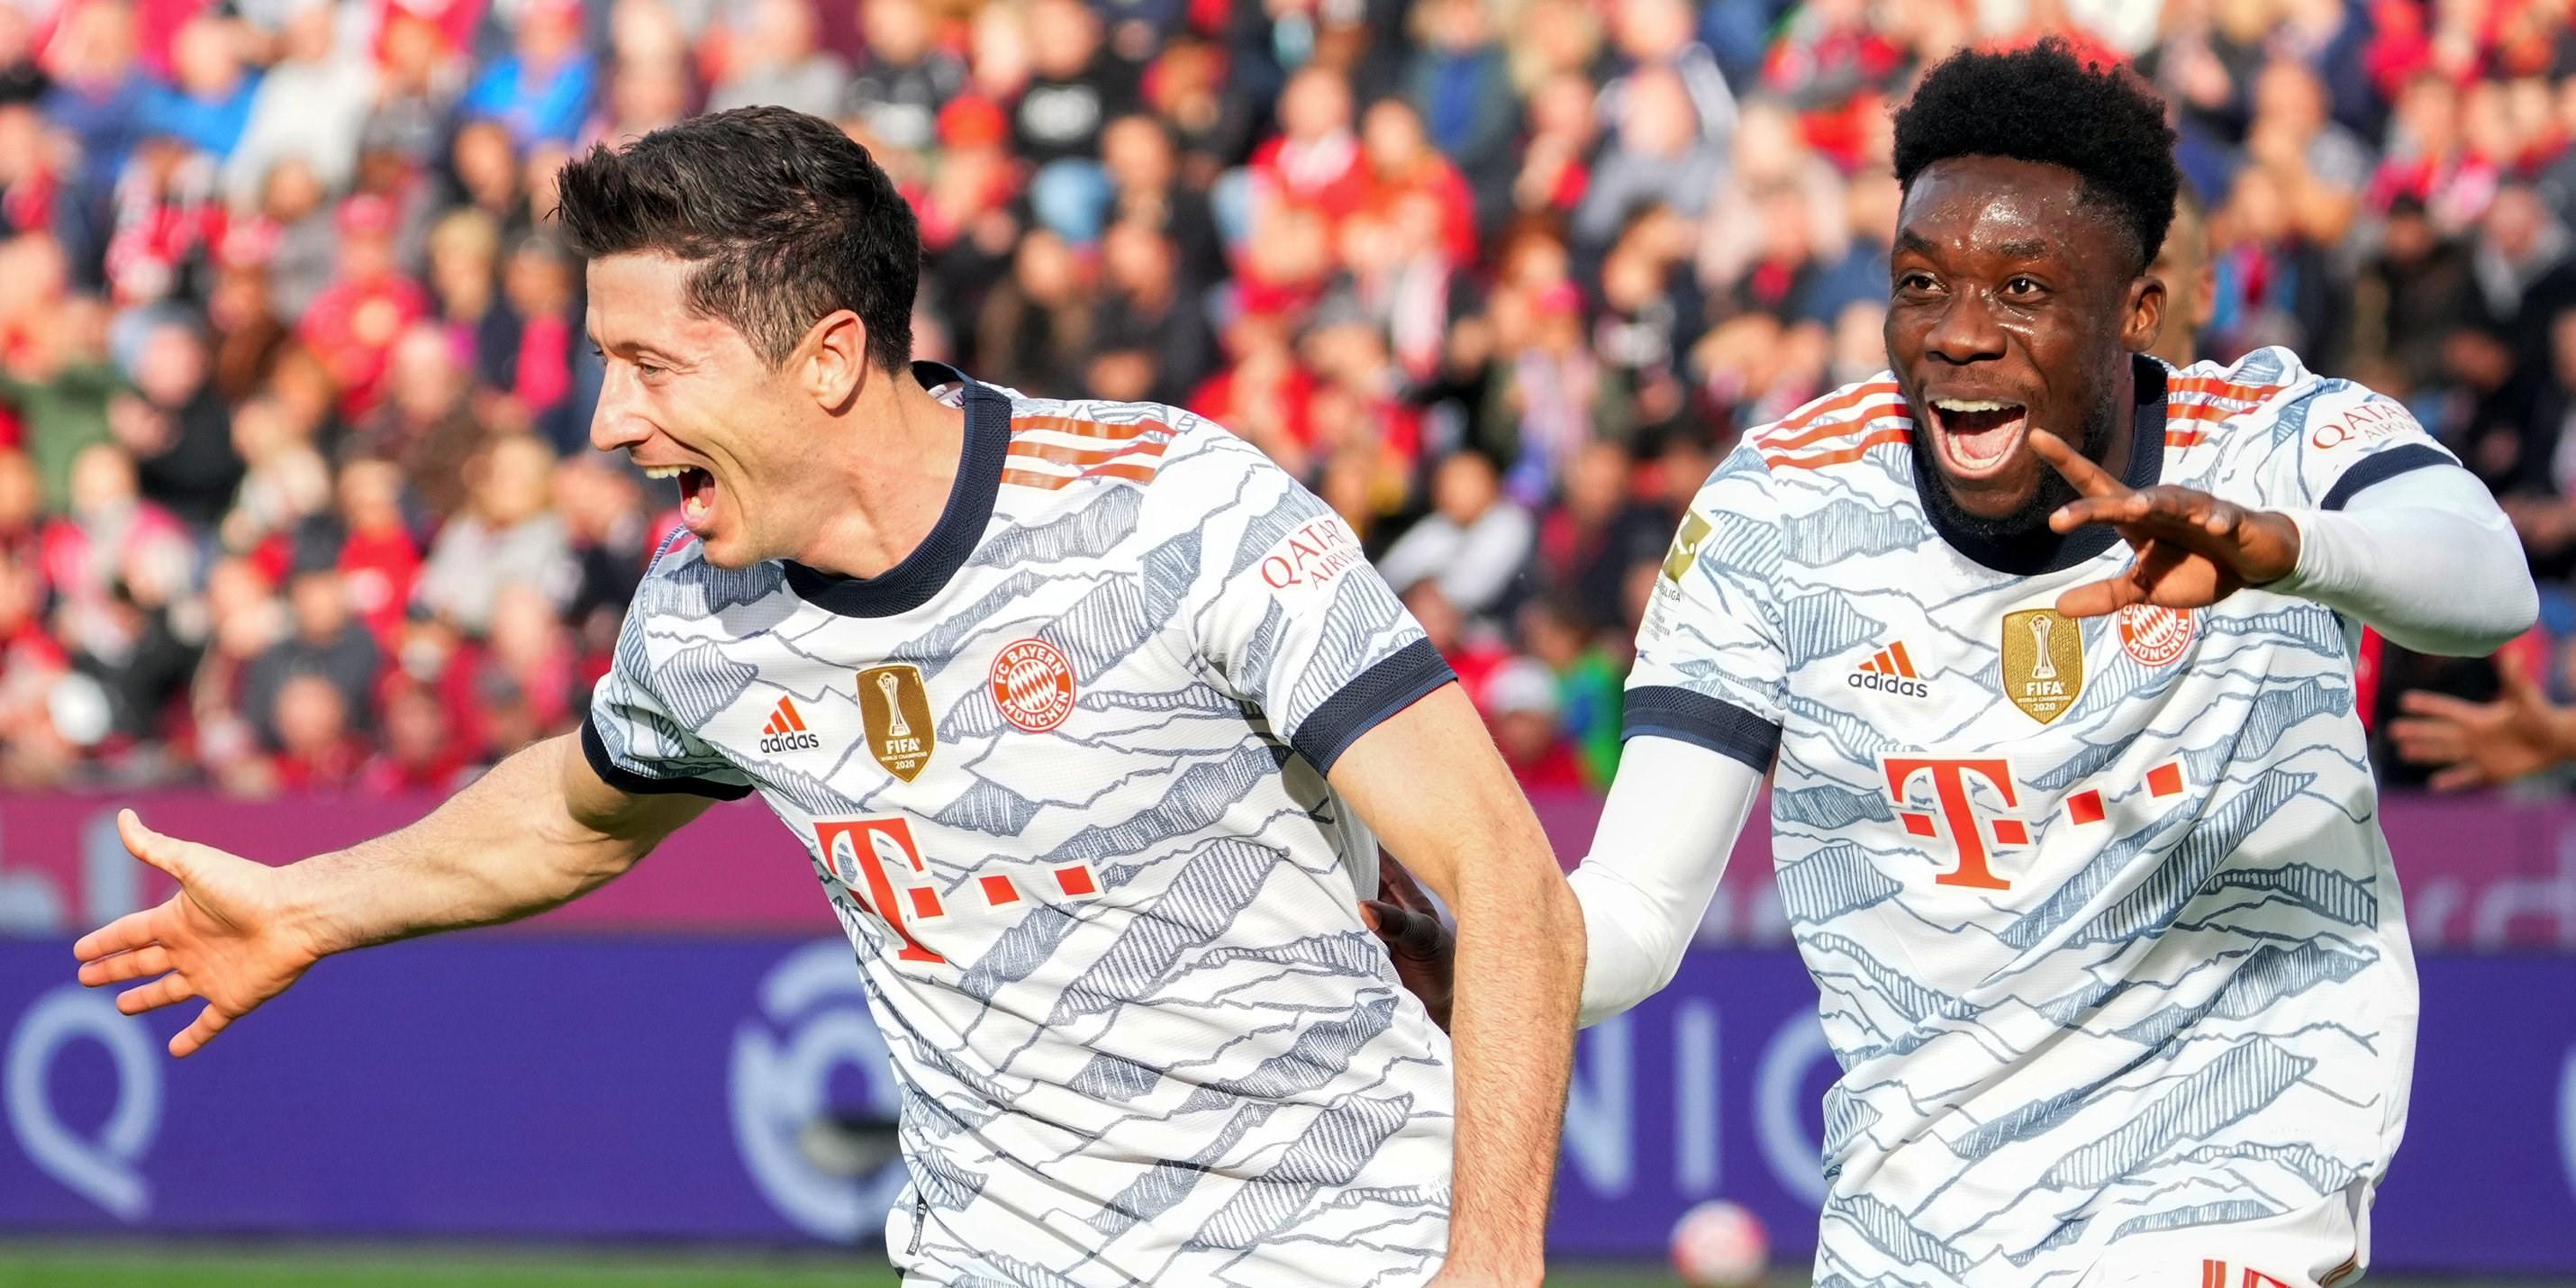 Ontketend Bayern München reist af naar Lissabon voor de clash met SL Benfica: tot 10.00 keer je inzet!